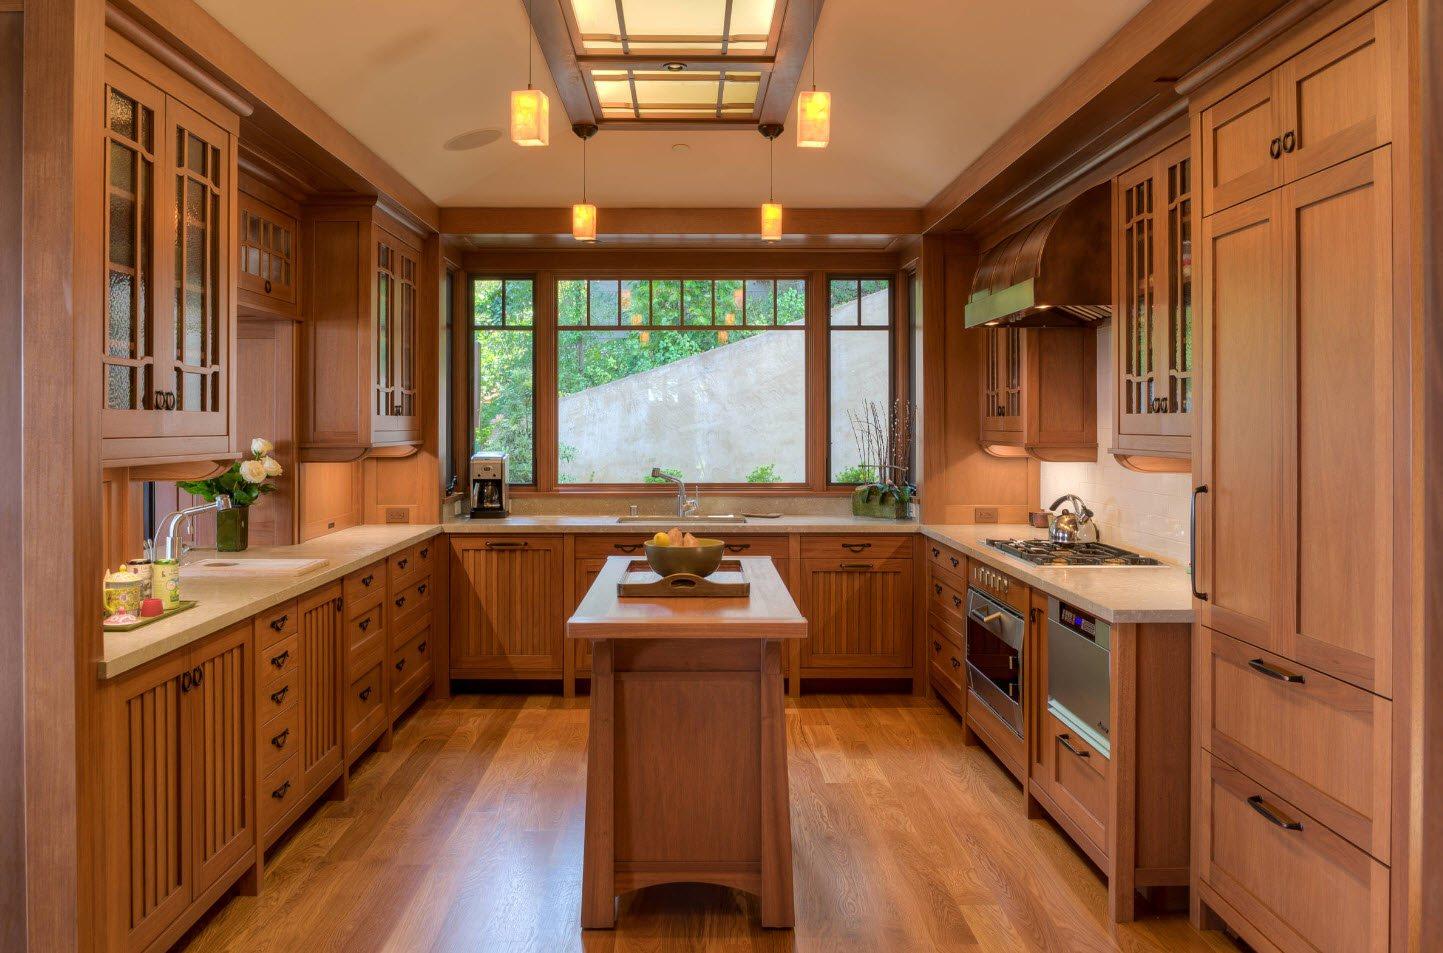 окно в центре кухни в деревянном доме